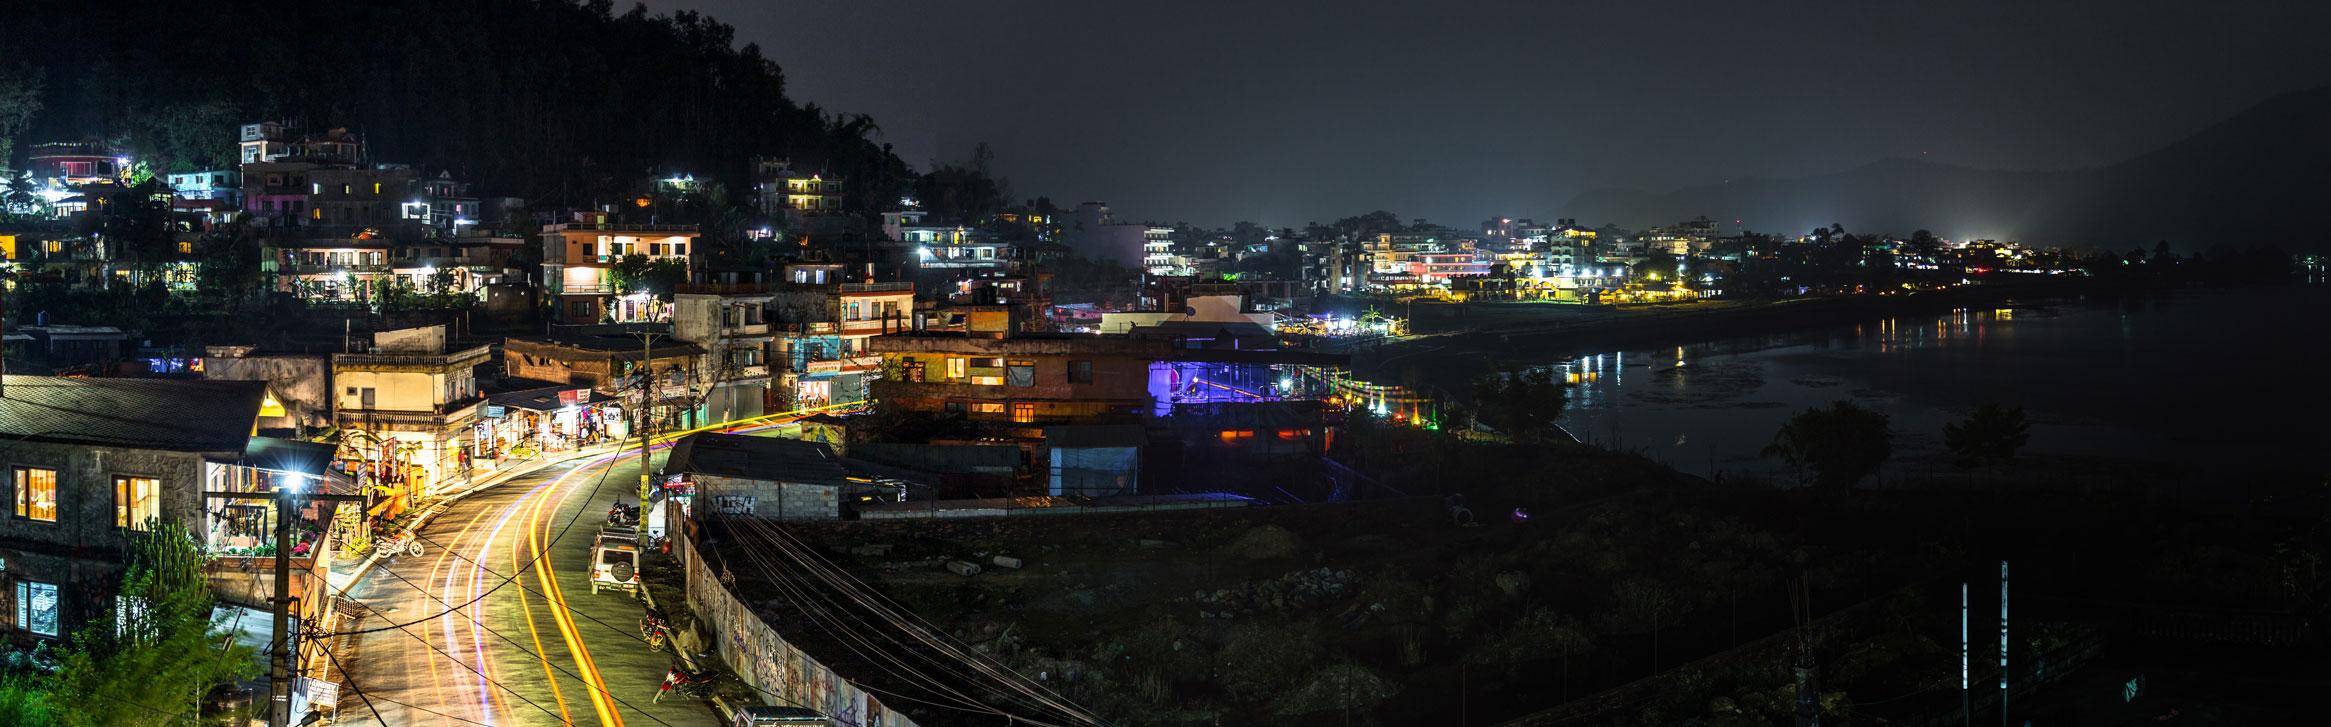 pokhara_night